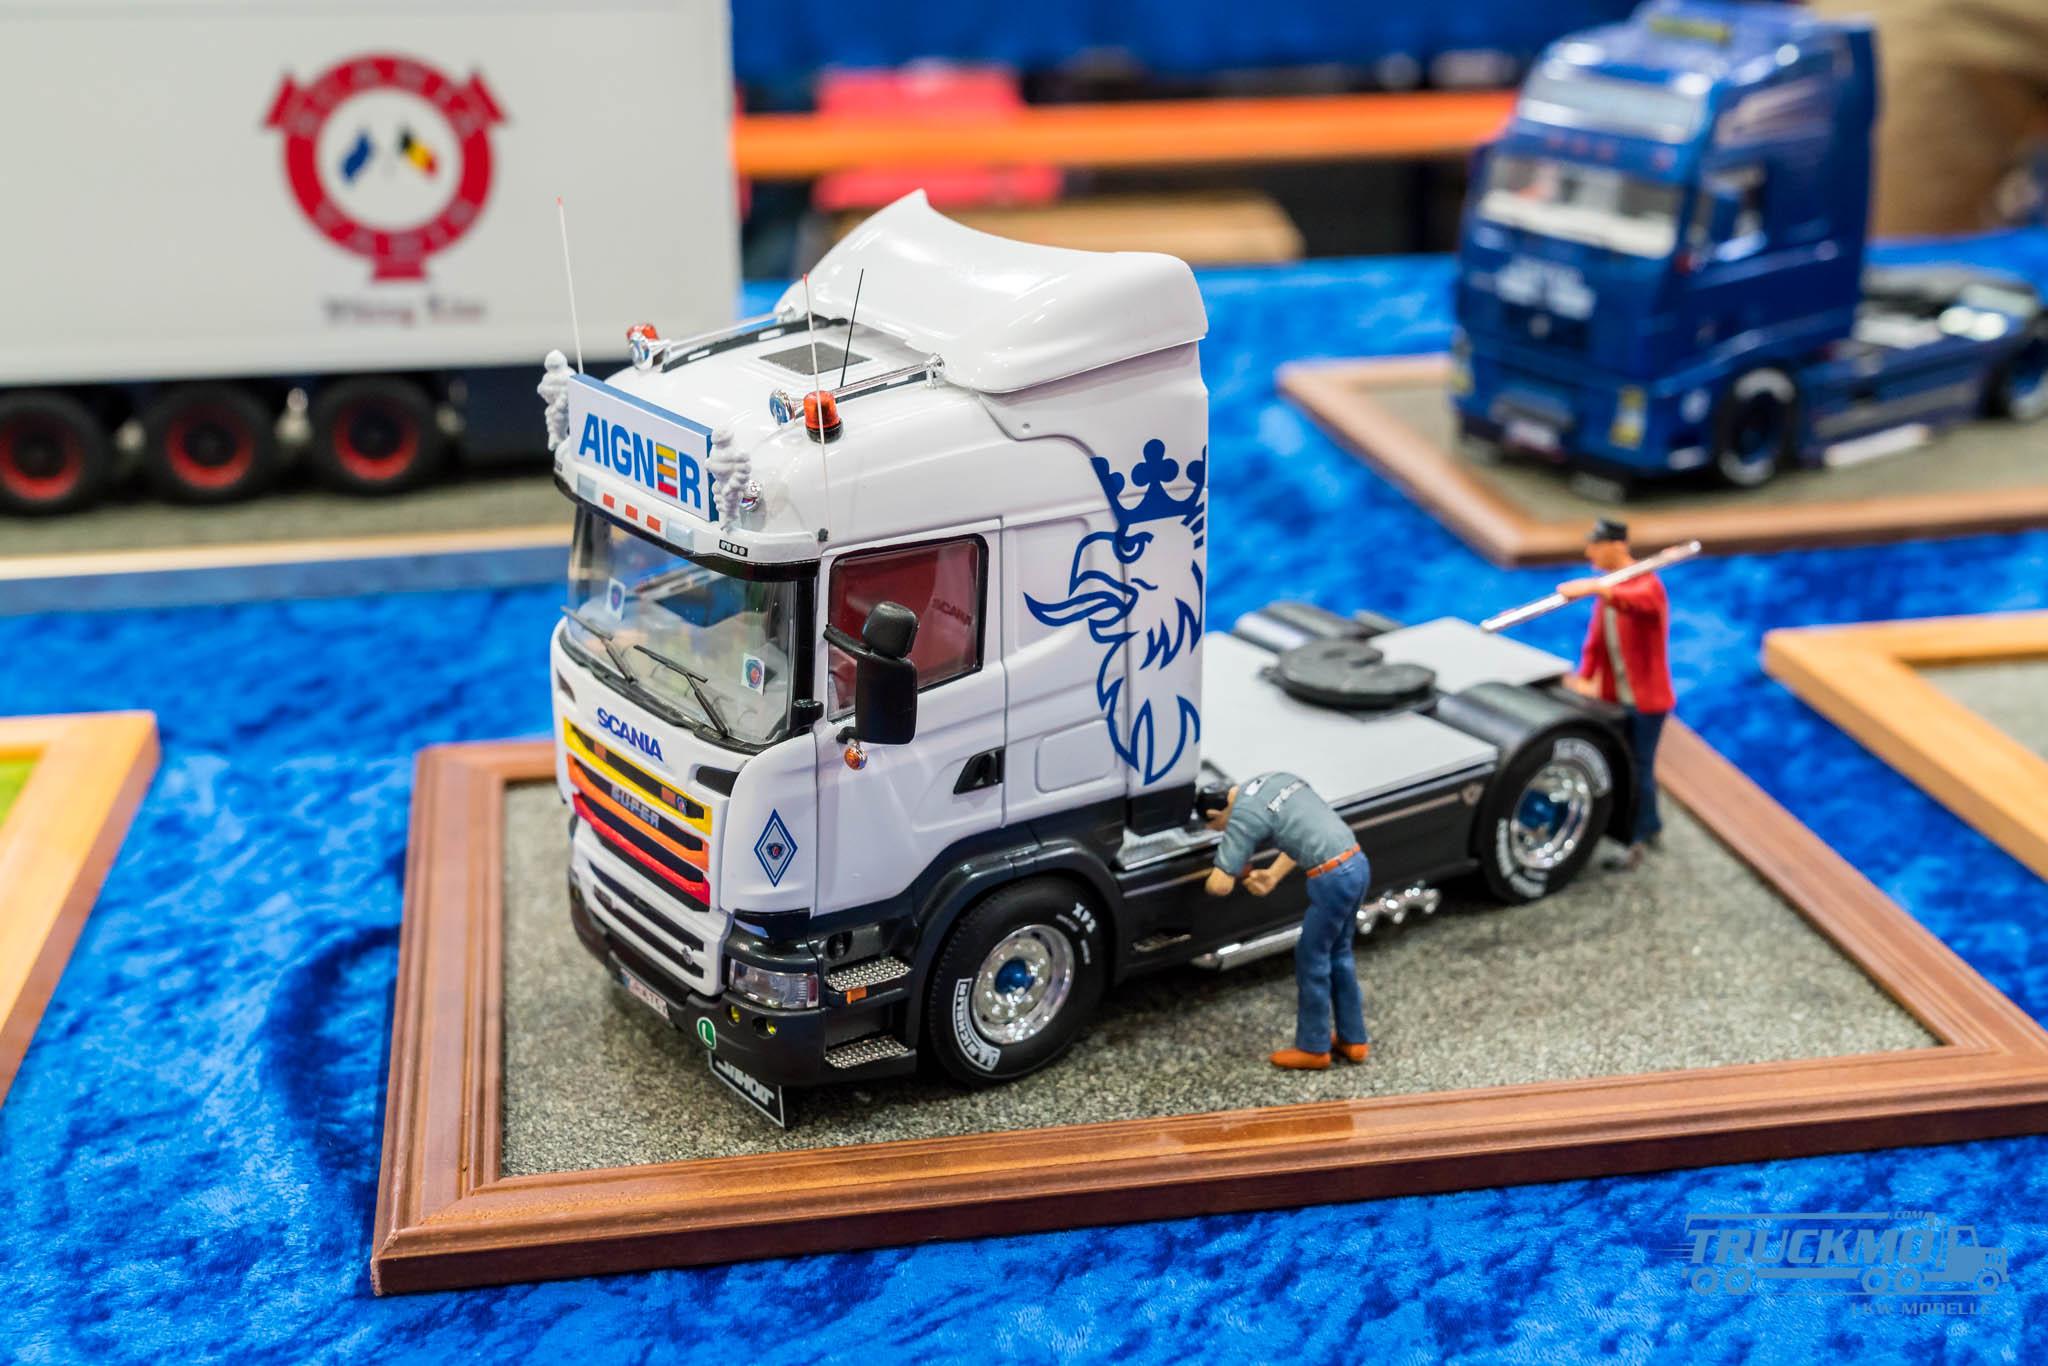 Truckmo_Modellbau_Ried_2017_Herpa_Messe_Modellbauausstellung (320 von 1177)